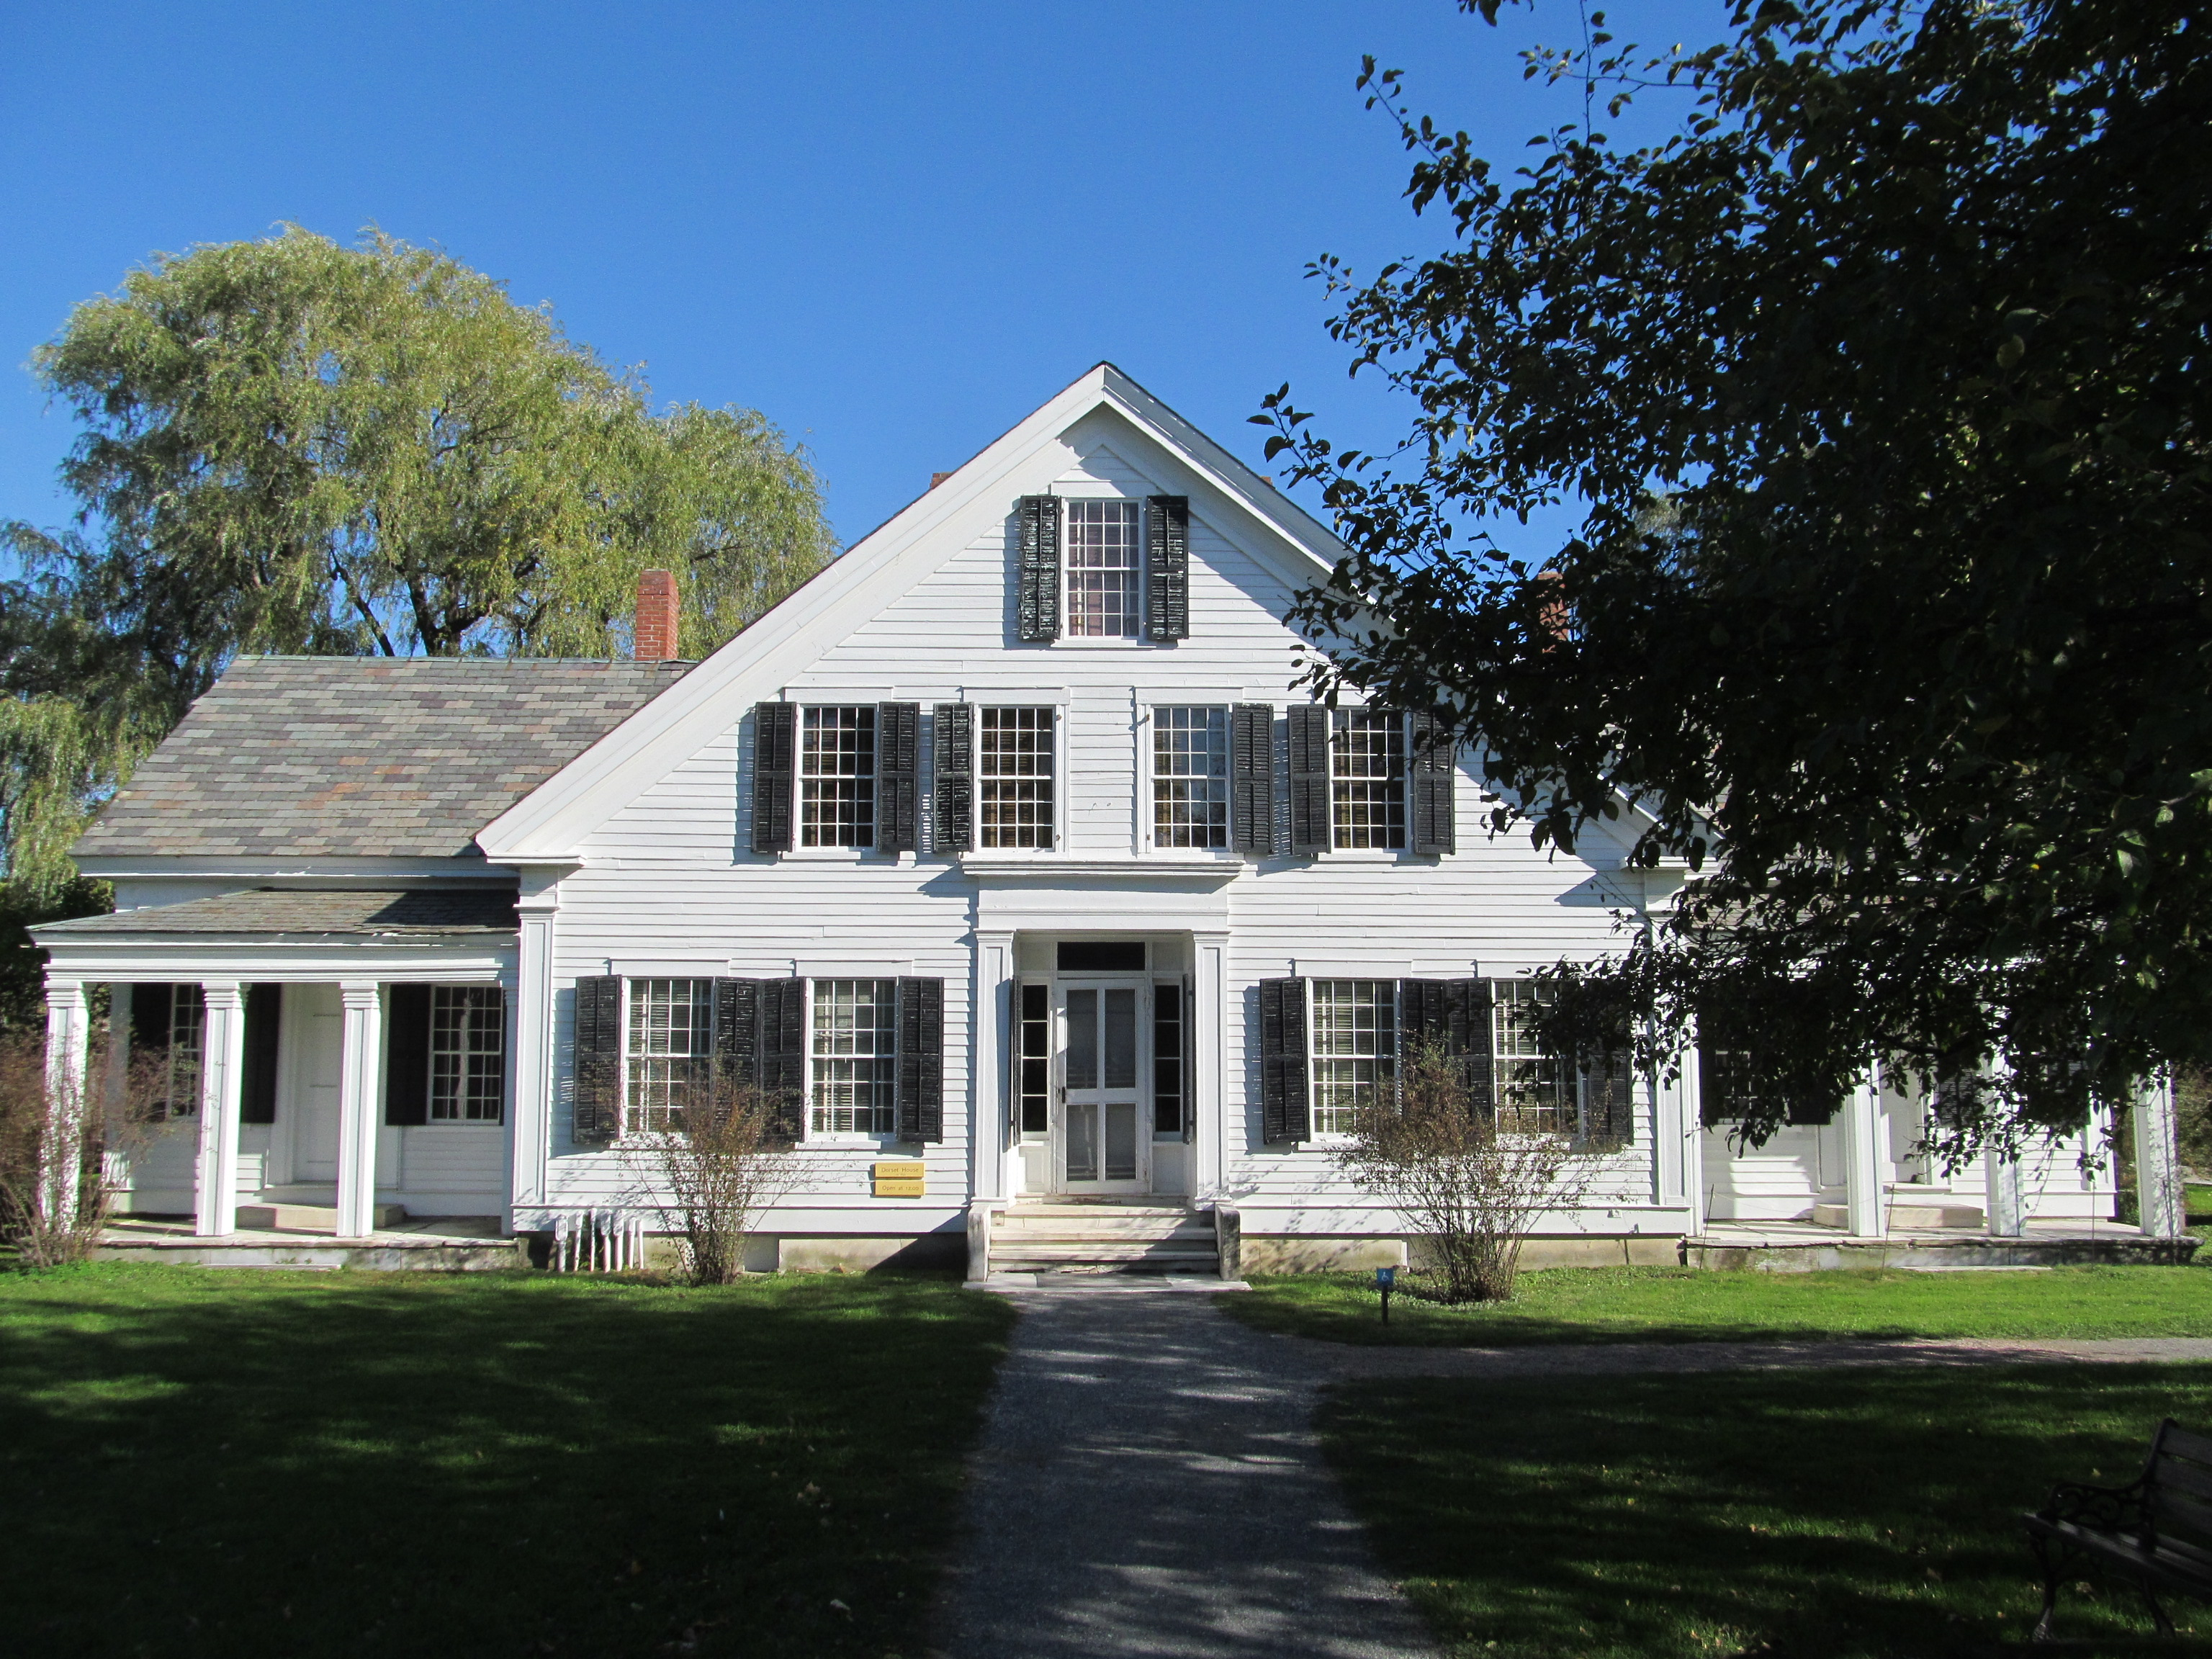 File:The Dorset House, Shelburne Museum, Shelburne VT.jpg